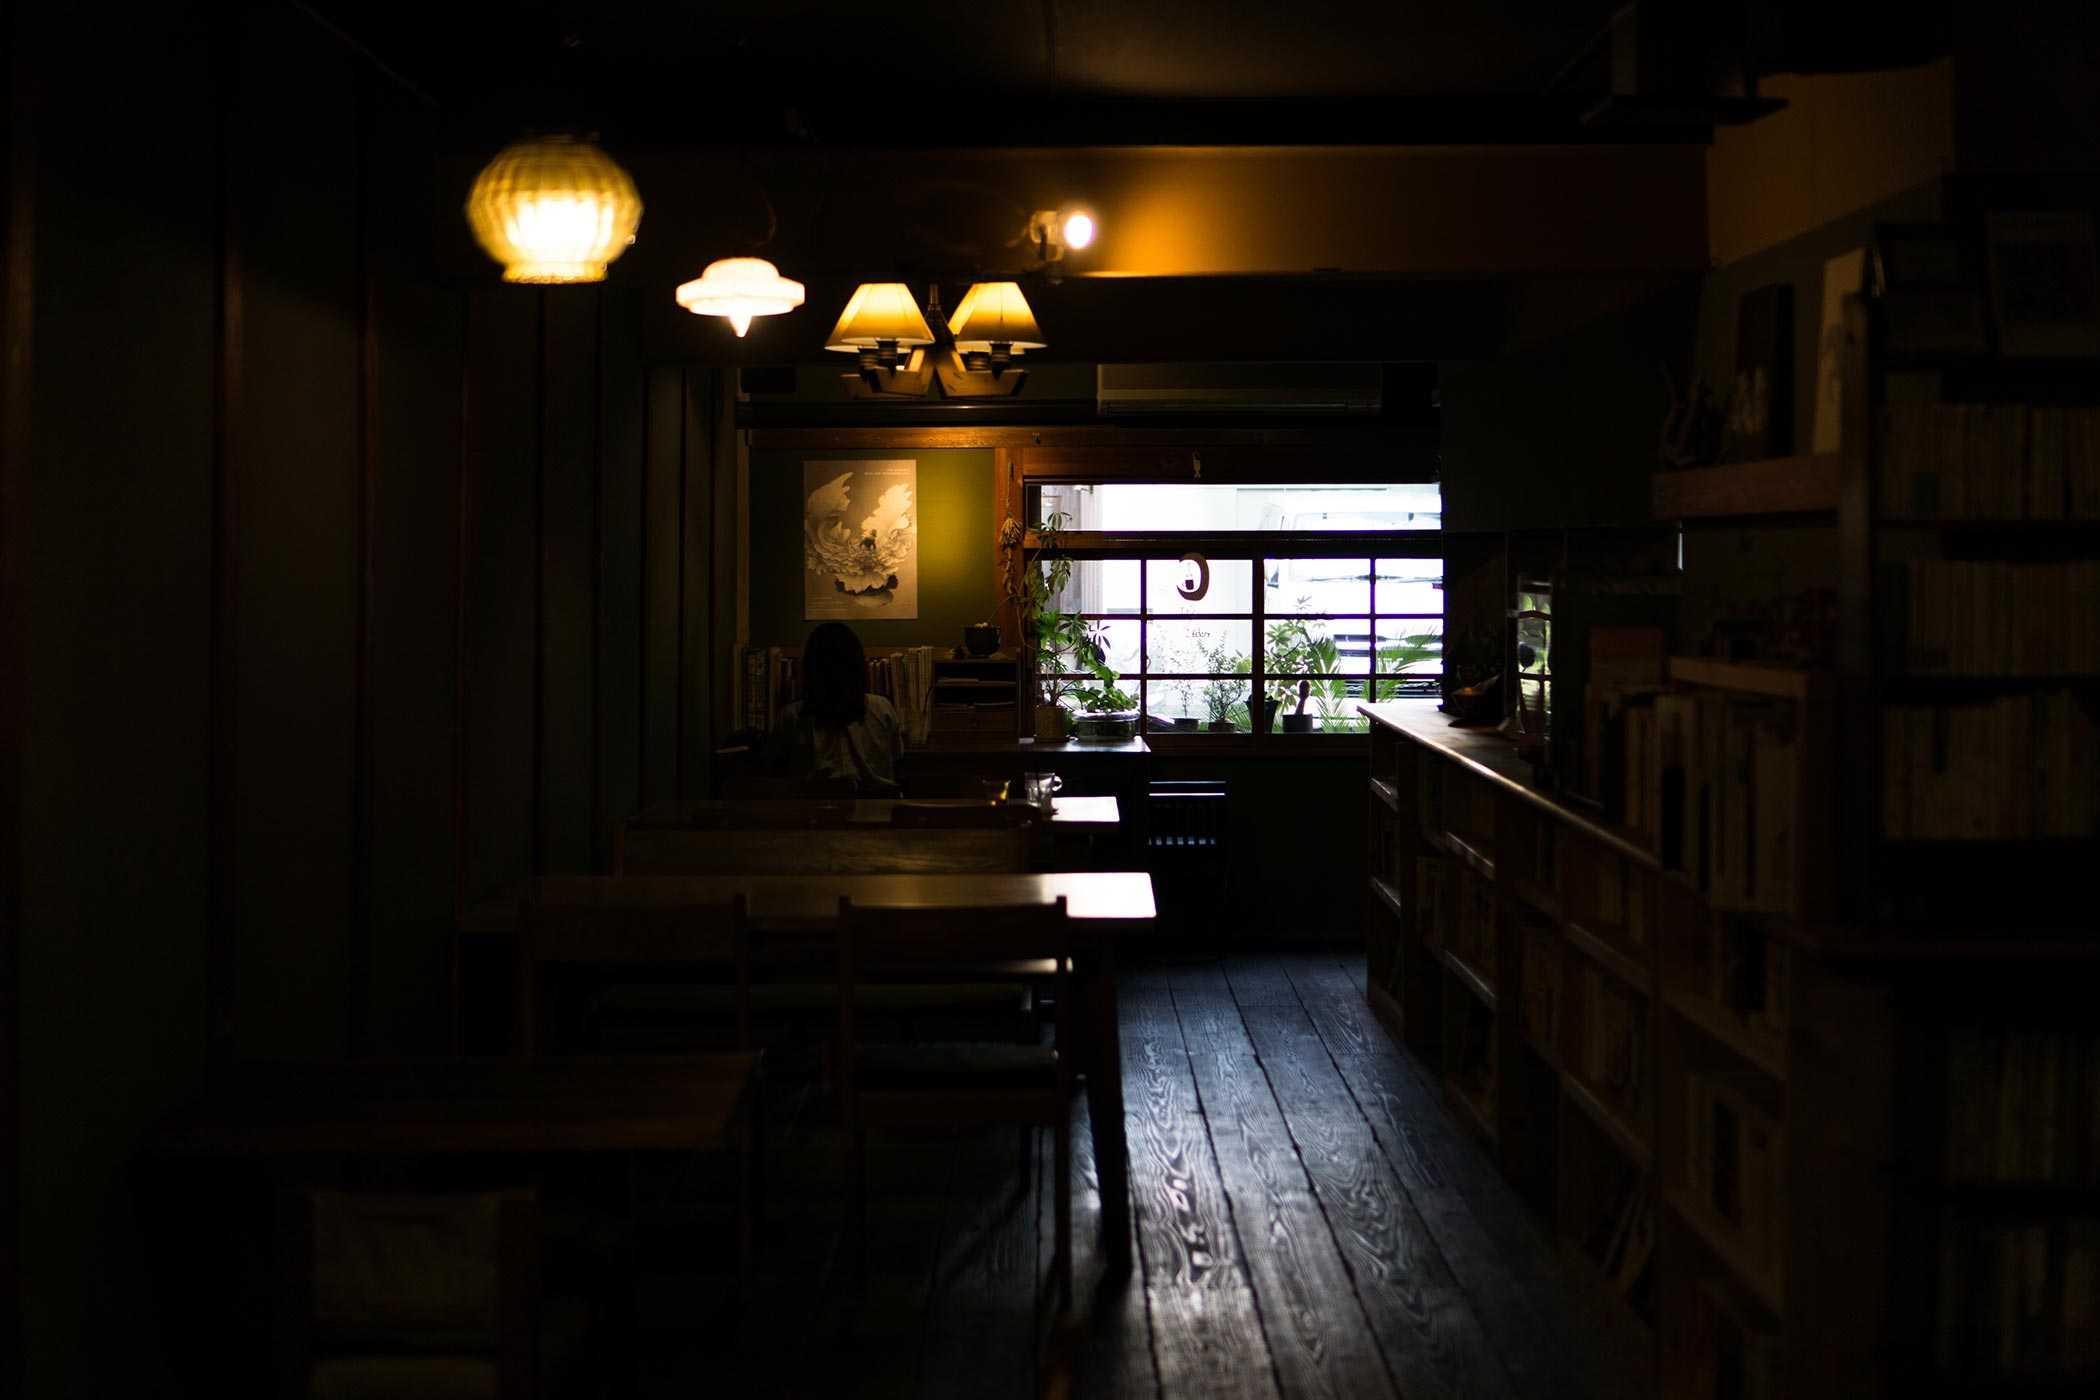 アイタルガボン (Ital Gabon) - 京都 空き家をリノベーションしたエスプレッソ専門のカフェ